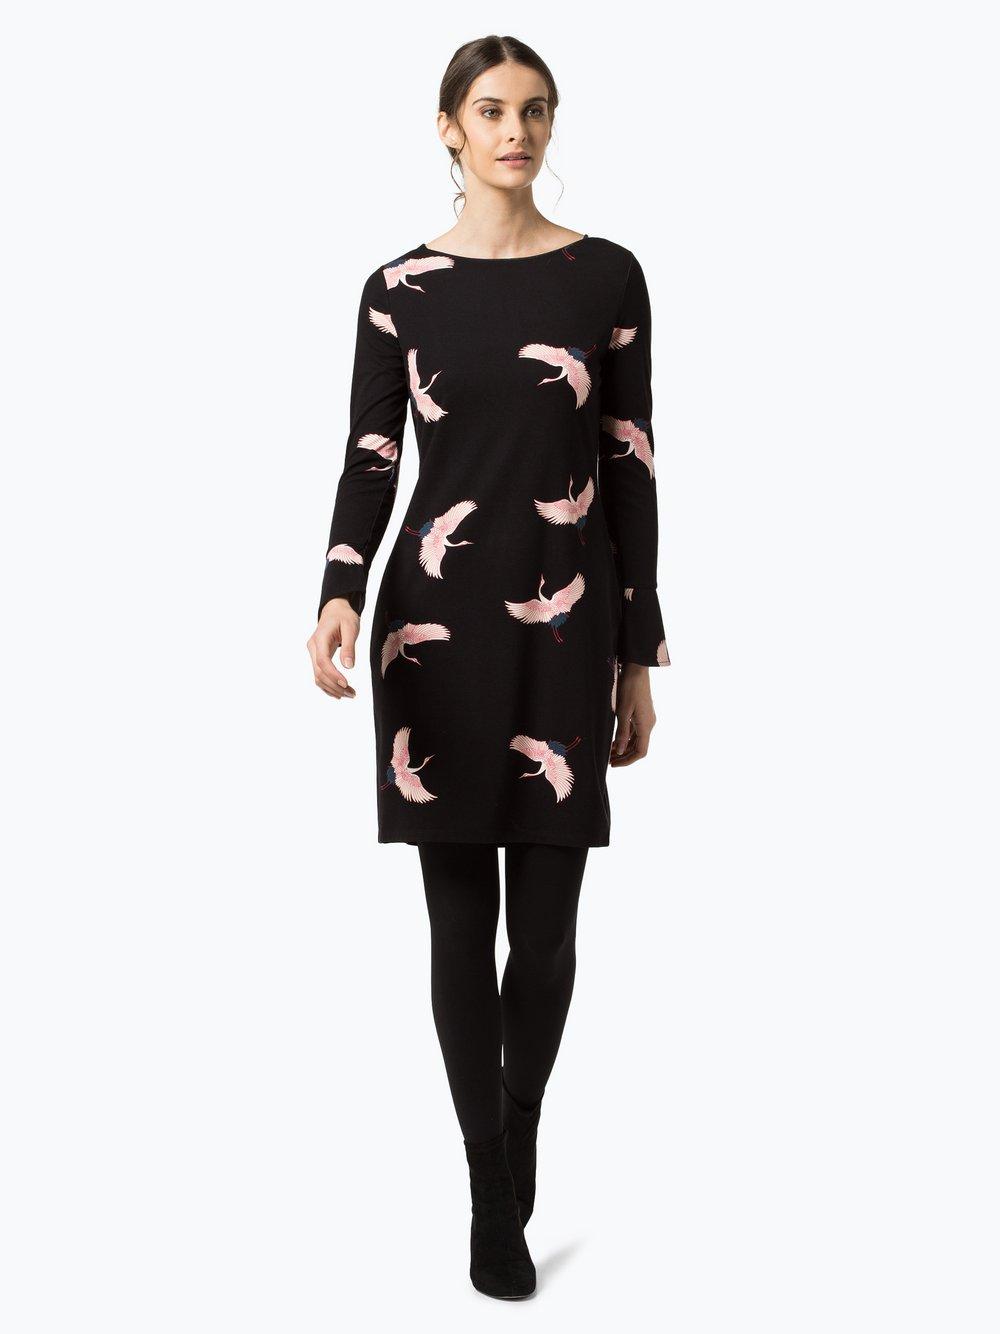 Comma Damen Kleid schwarz rosa bedruckt online kaufen | VANGRAAF.COM